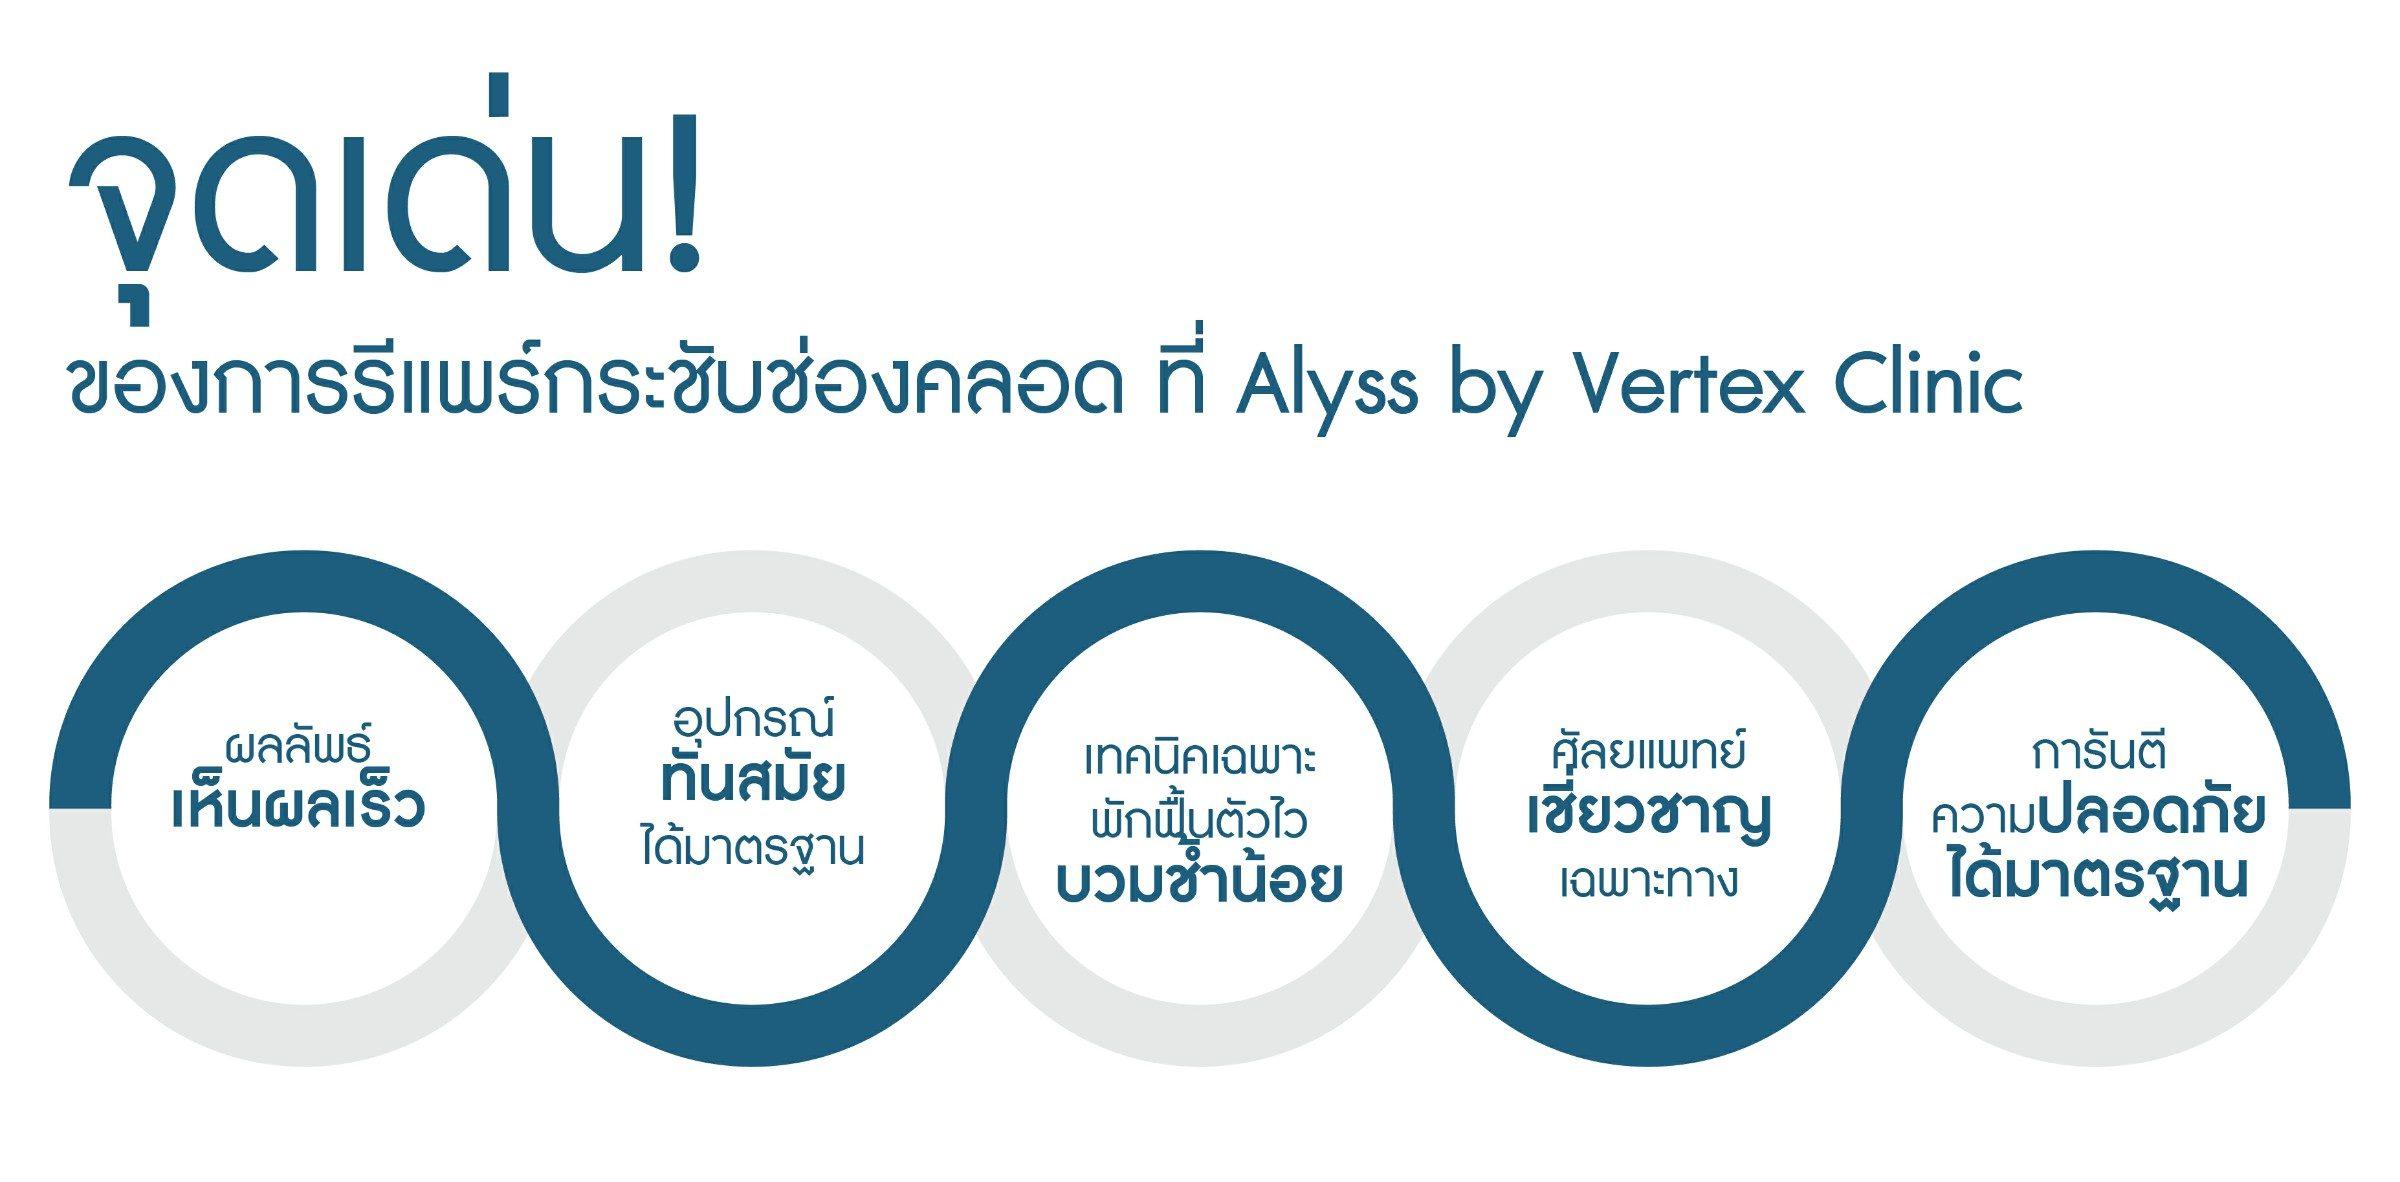 จุดเด่นของการผ่าตัดกระชับช่องคลอดที่ Alyss by Vertex มีด้วยกันมากมาย